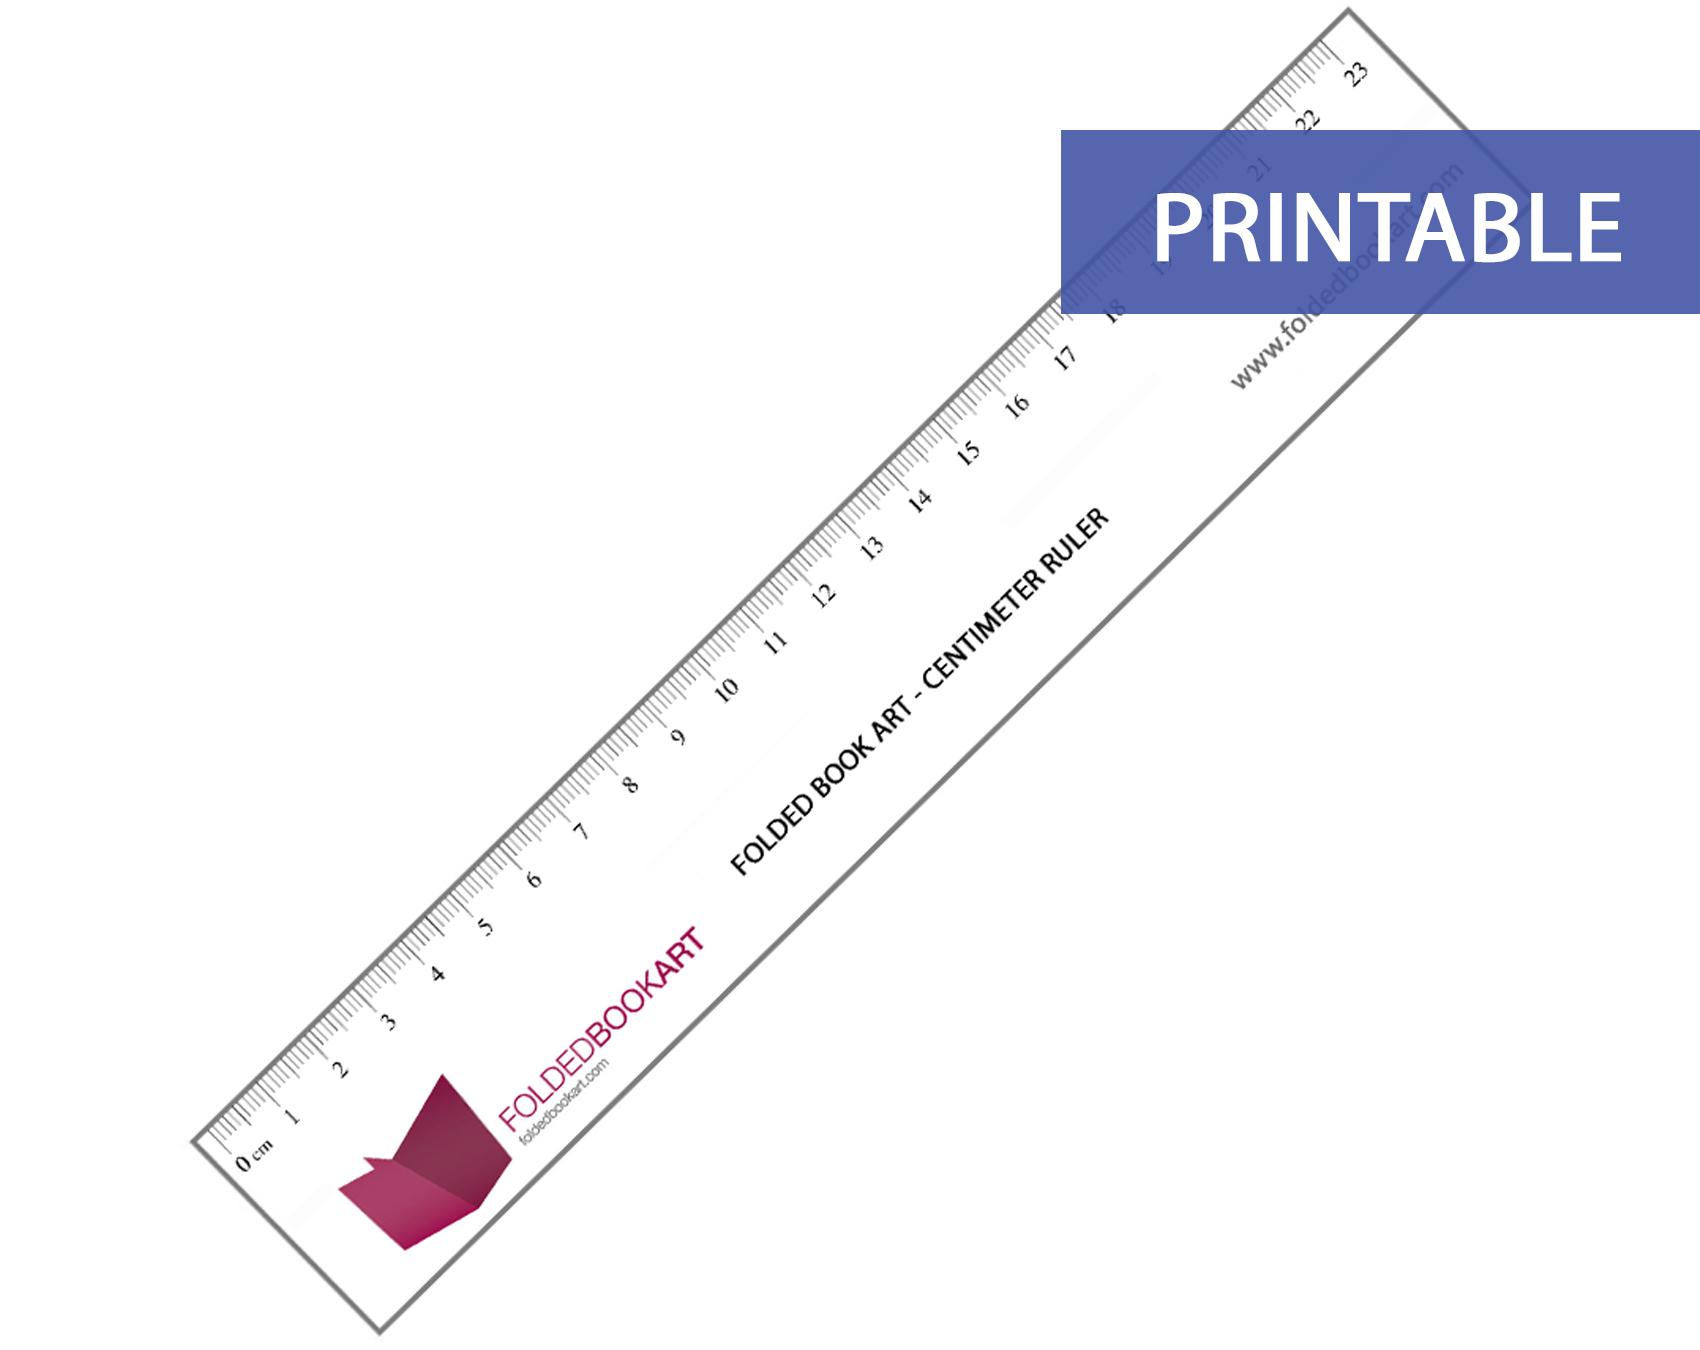 Printable Metric Ruler